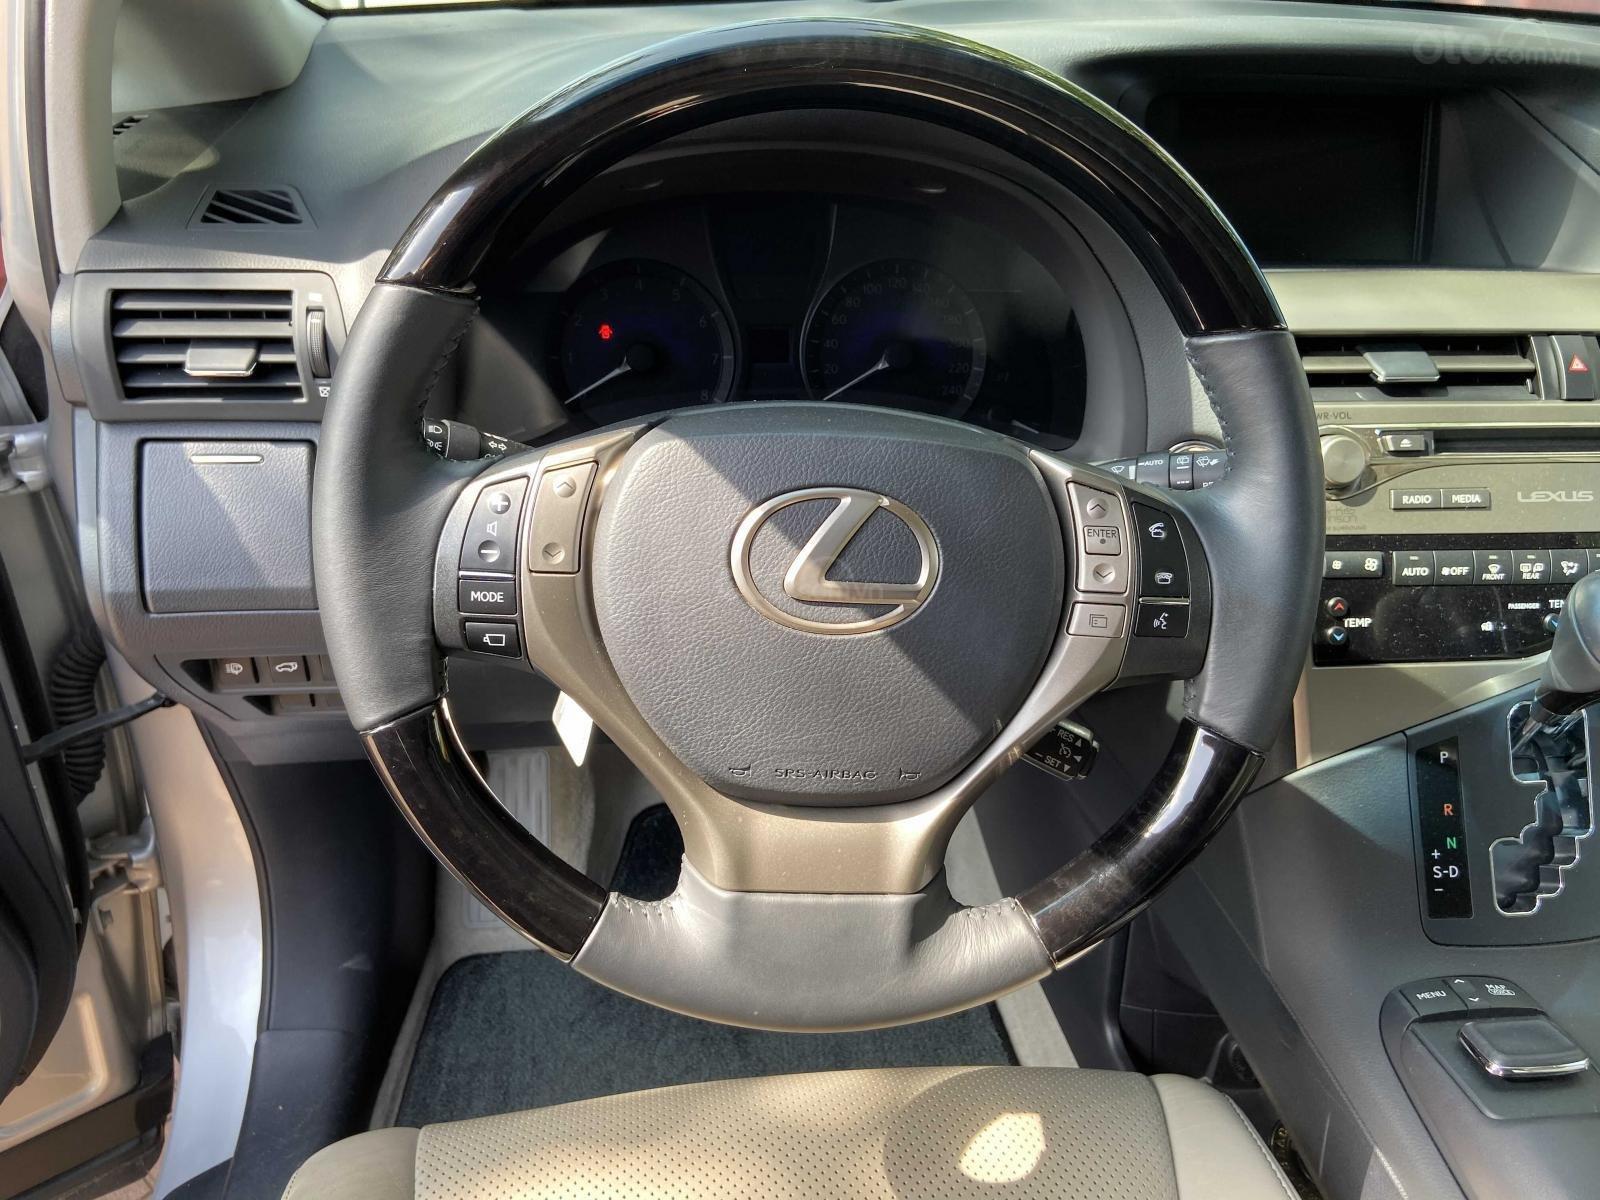 Cần bán lại xe Lexus RX năm 2015, màu bạc, xe nhập khẩu, đi giữ gìn, mới 99,9% bao test (12)